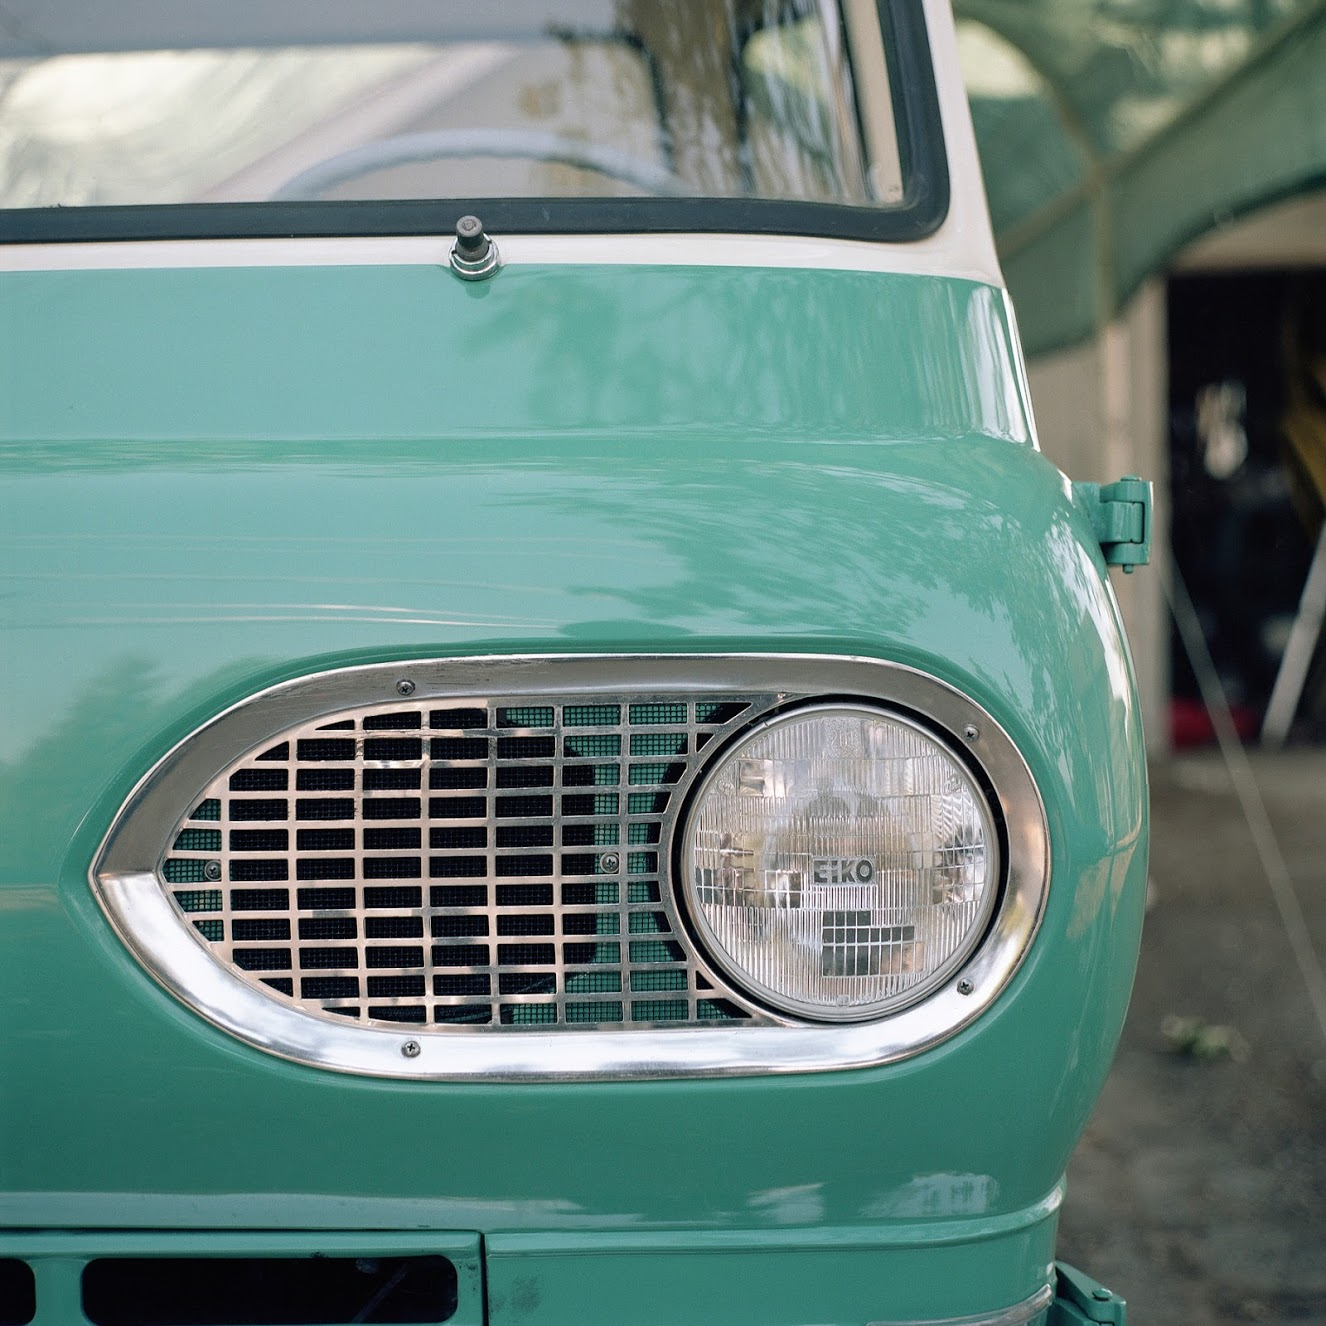 Zenza Bronica S2 | Nikkor-P 75/2.8 | Kodak Portra 160